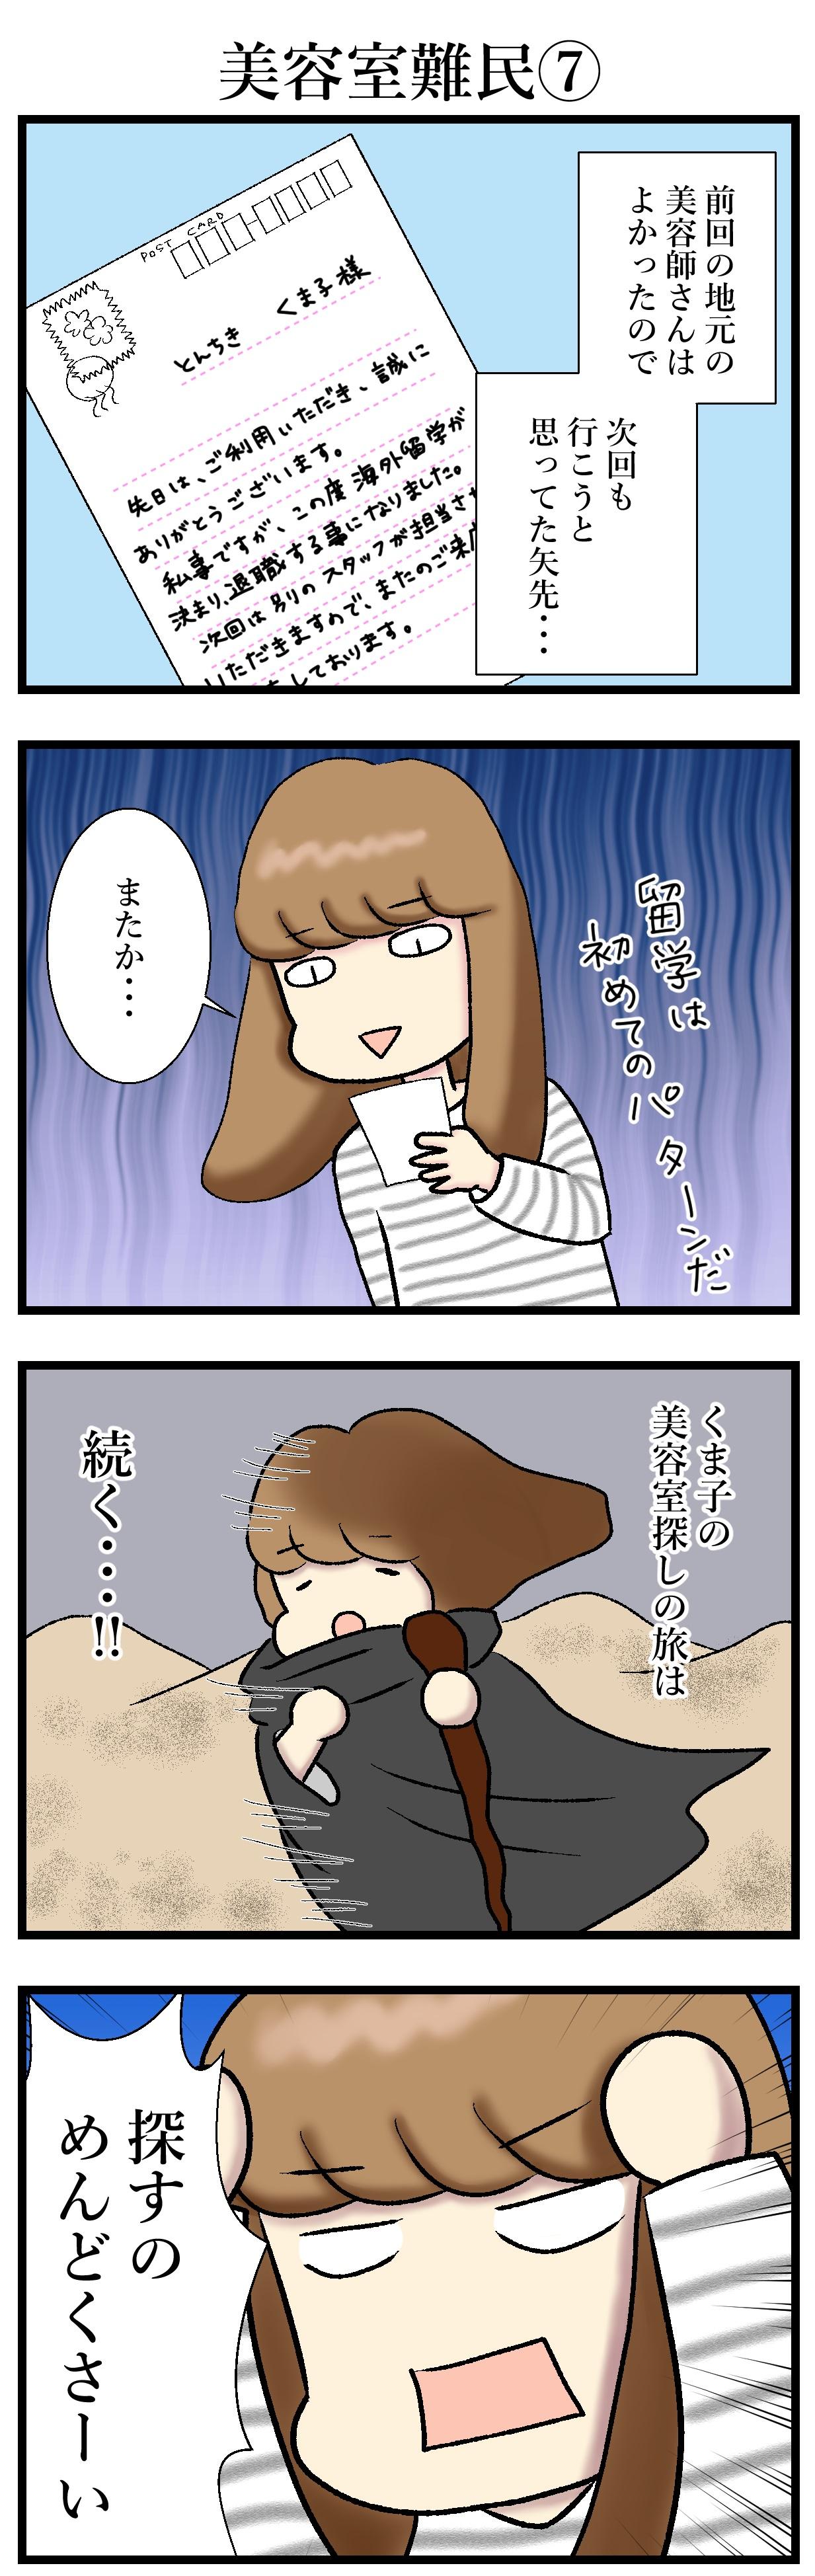 【エッセイ漫画】アラサー主婦くま子のふがいない日常(14)